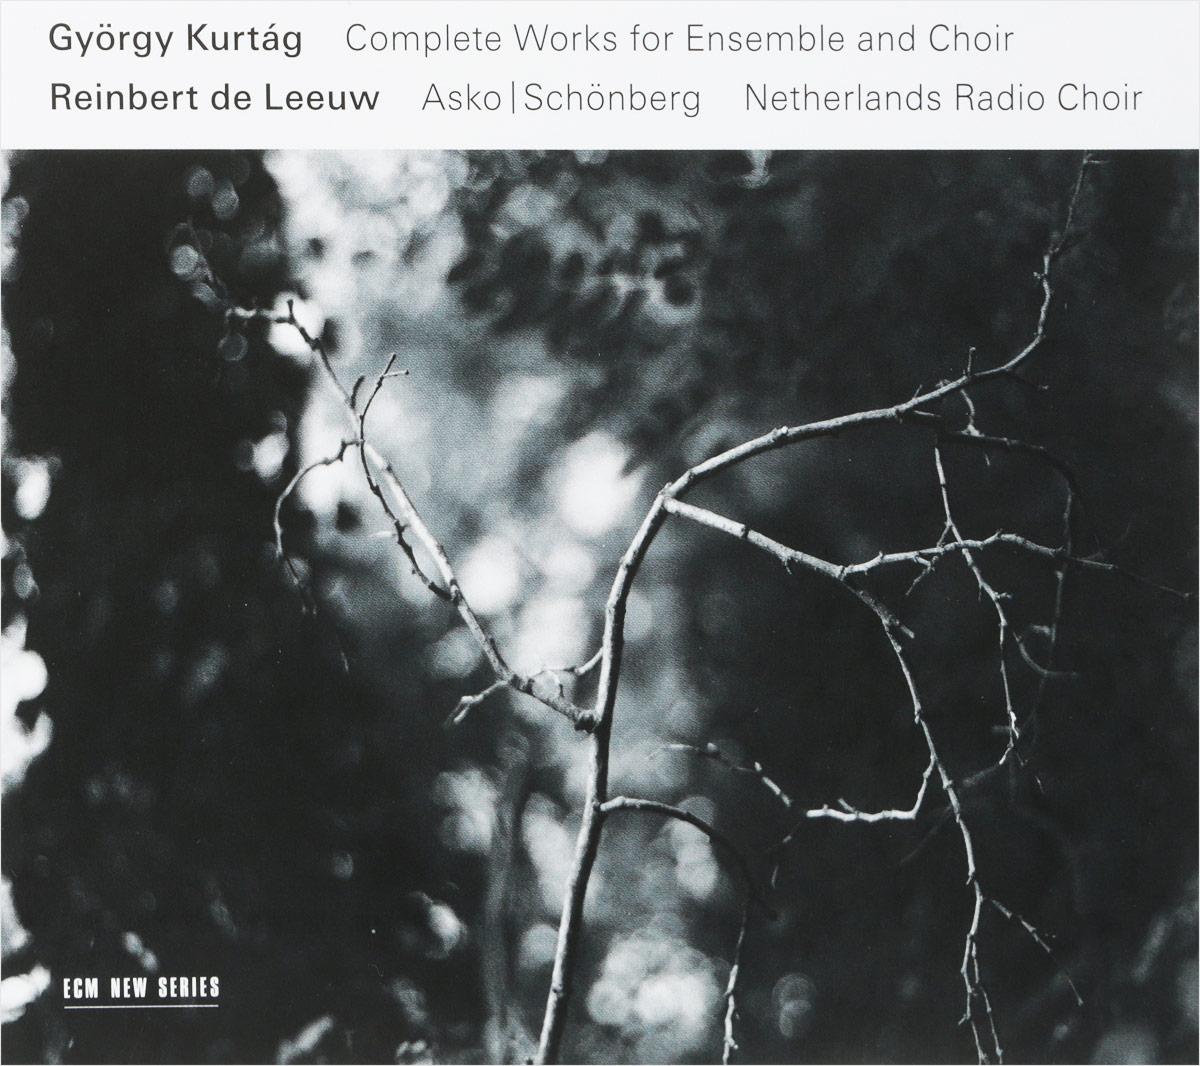 Reinbert de Leeuw, Netherlands Radio Choir, Asko Schoenberg. Complete Works for Ensemble and Choir (3 CD)